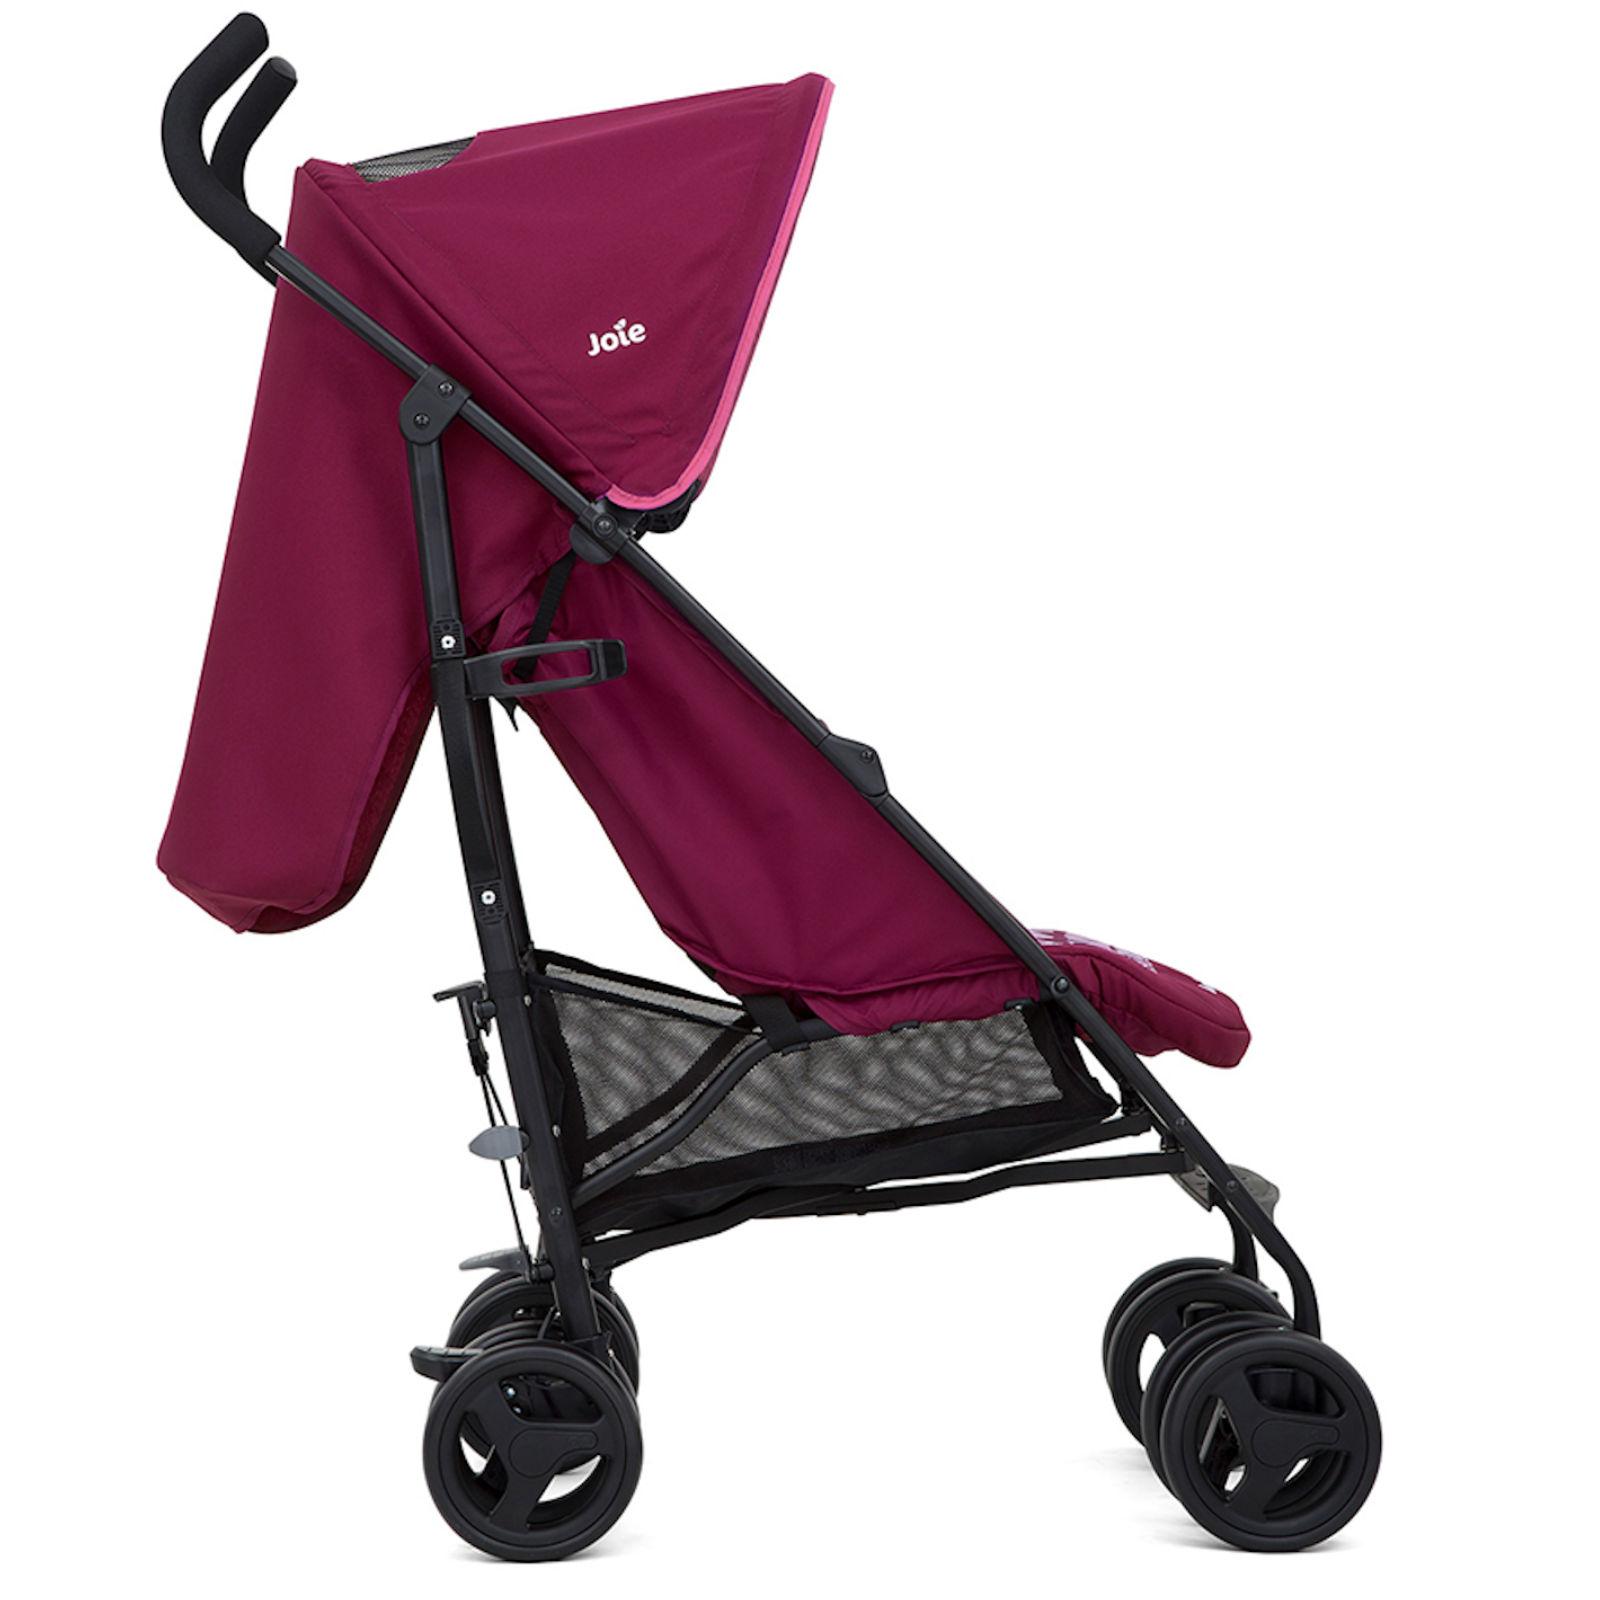 joie nitro stroller wave magenta buy at online4baby. Black Bedroom Furniture Sets. Home Design Ideas